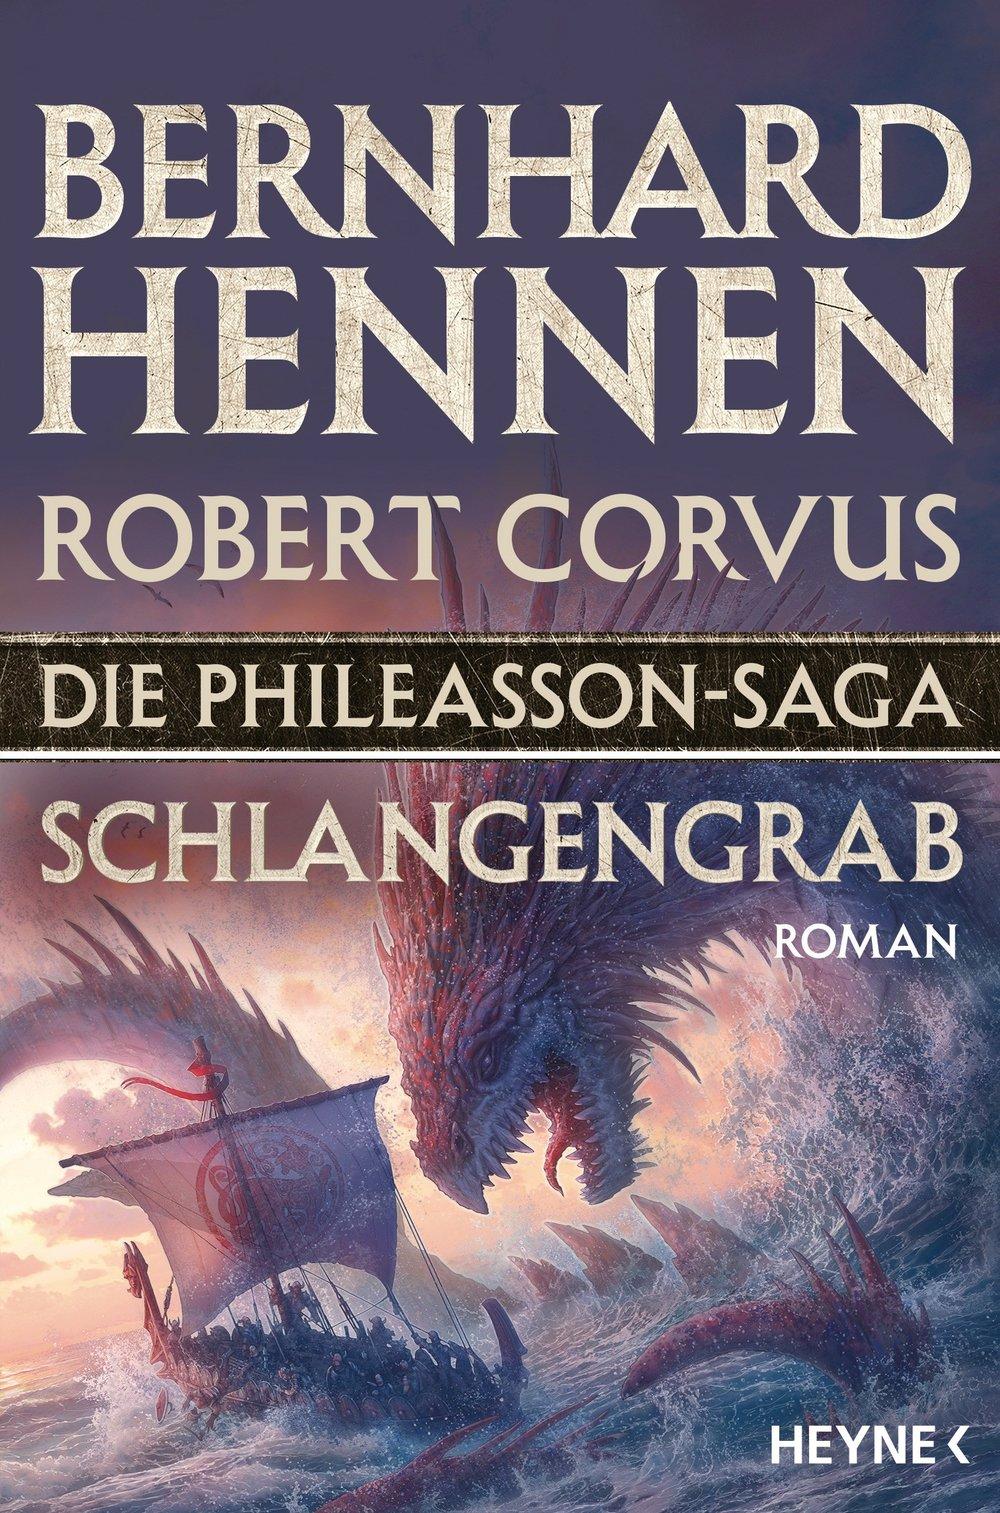 Die-Phileasson-Saga-Schlangengrab_Bernhard-Hennen.jpg